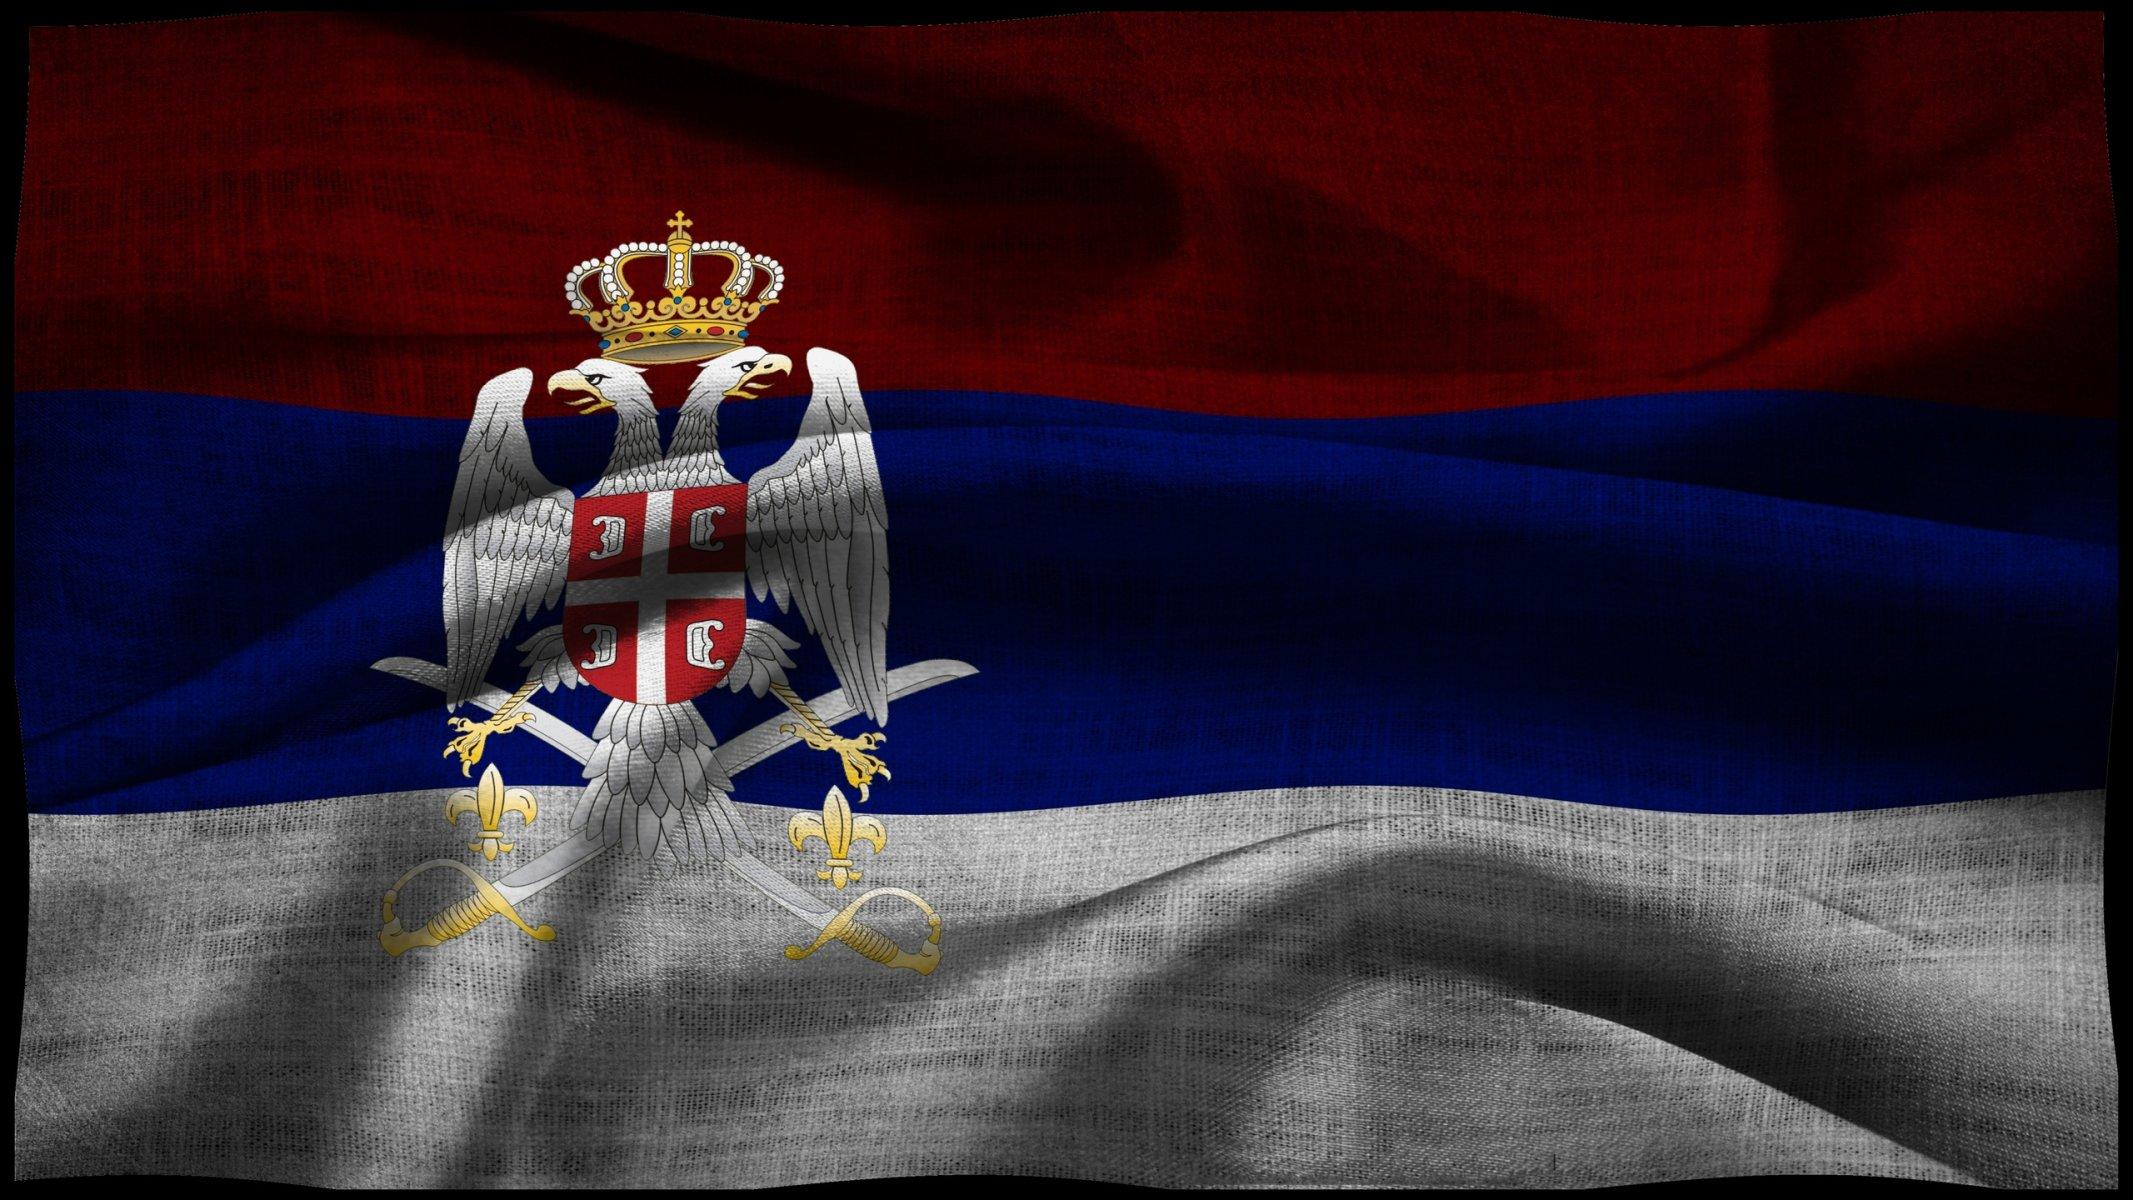 Обои на рабочий стол флаг и герб россии